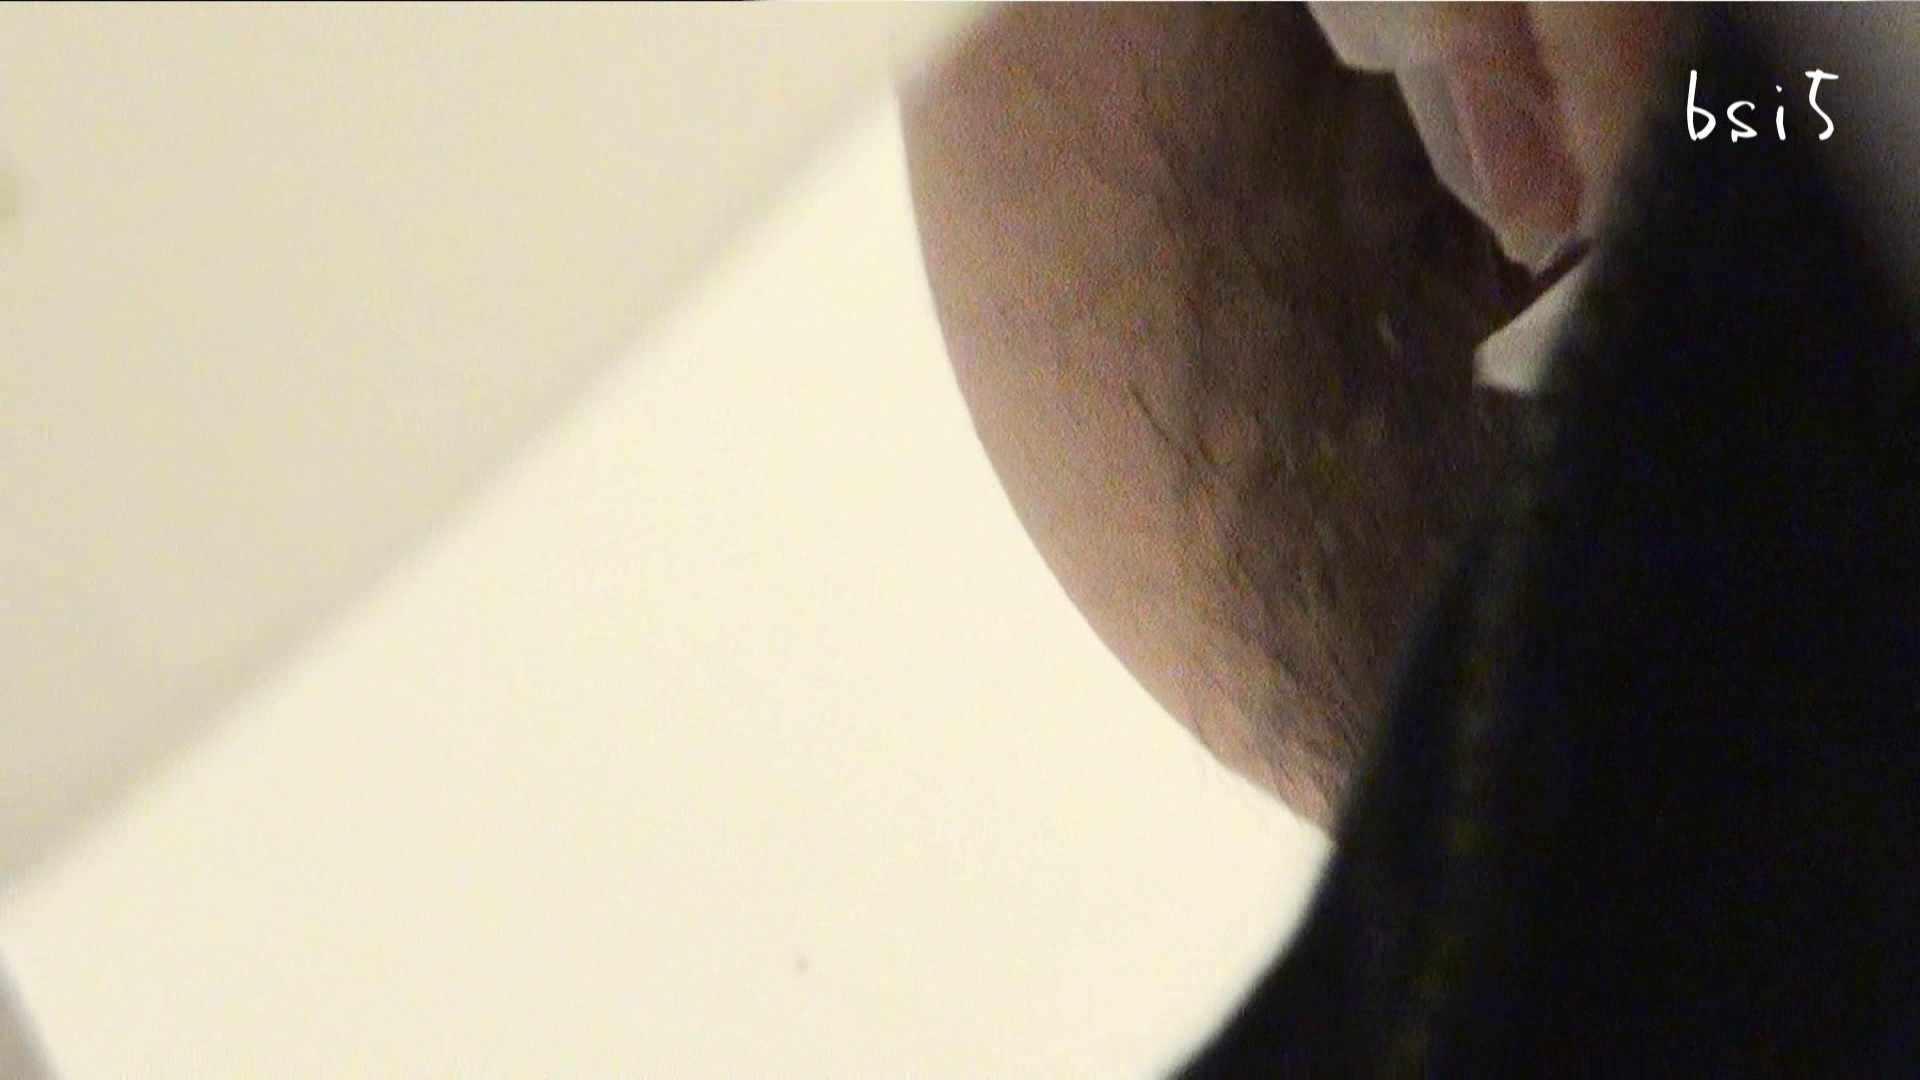 至高下半身盗撮-PREMIUM-【院内病棟編 】 vol.05 盗撮 オメコ動画キャプチャ 65PIX 14